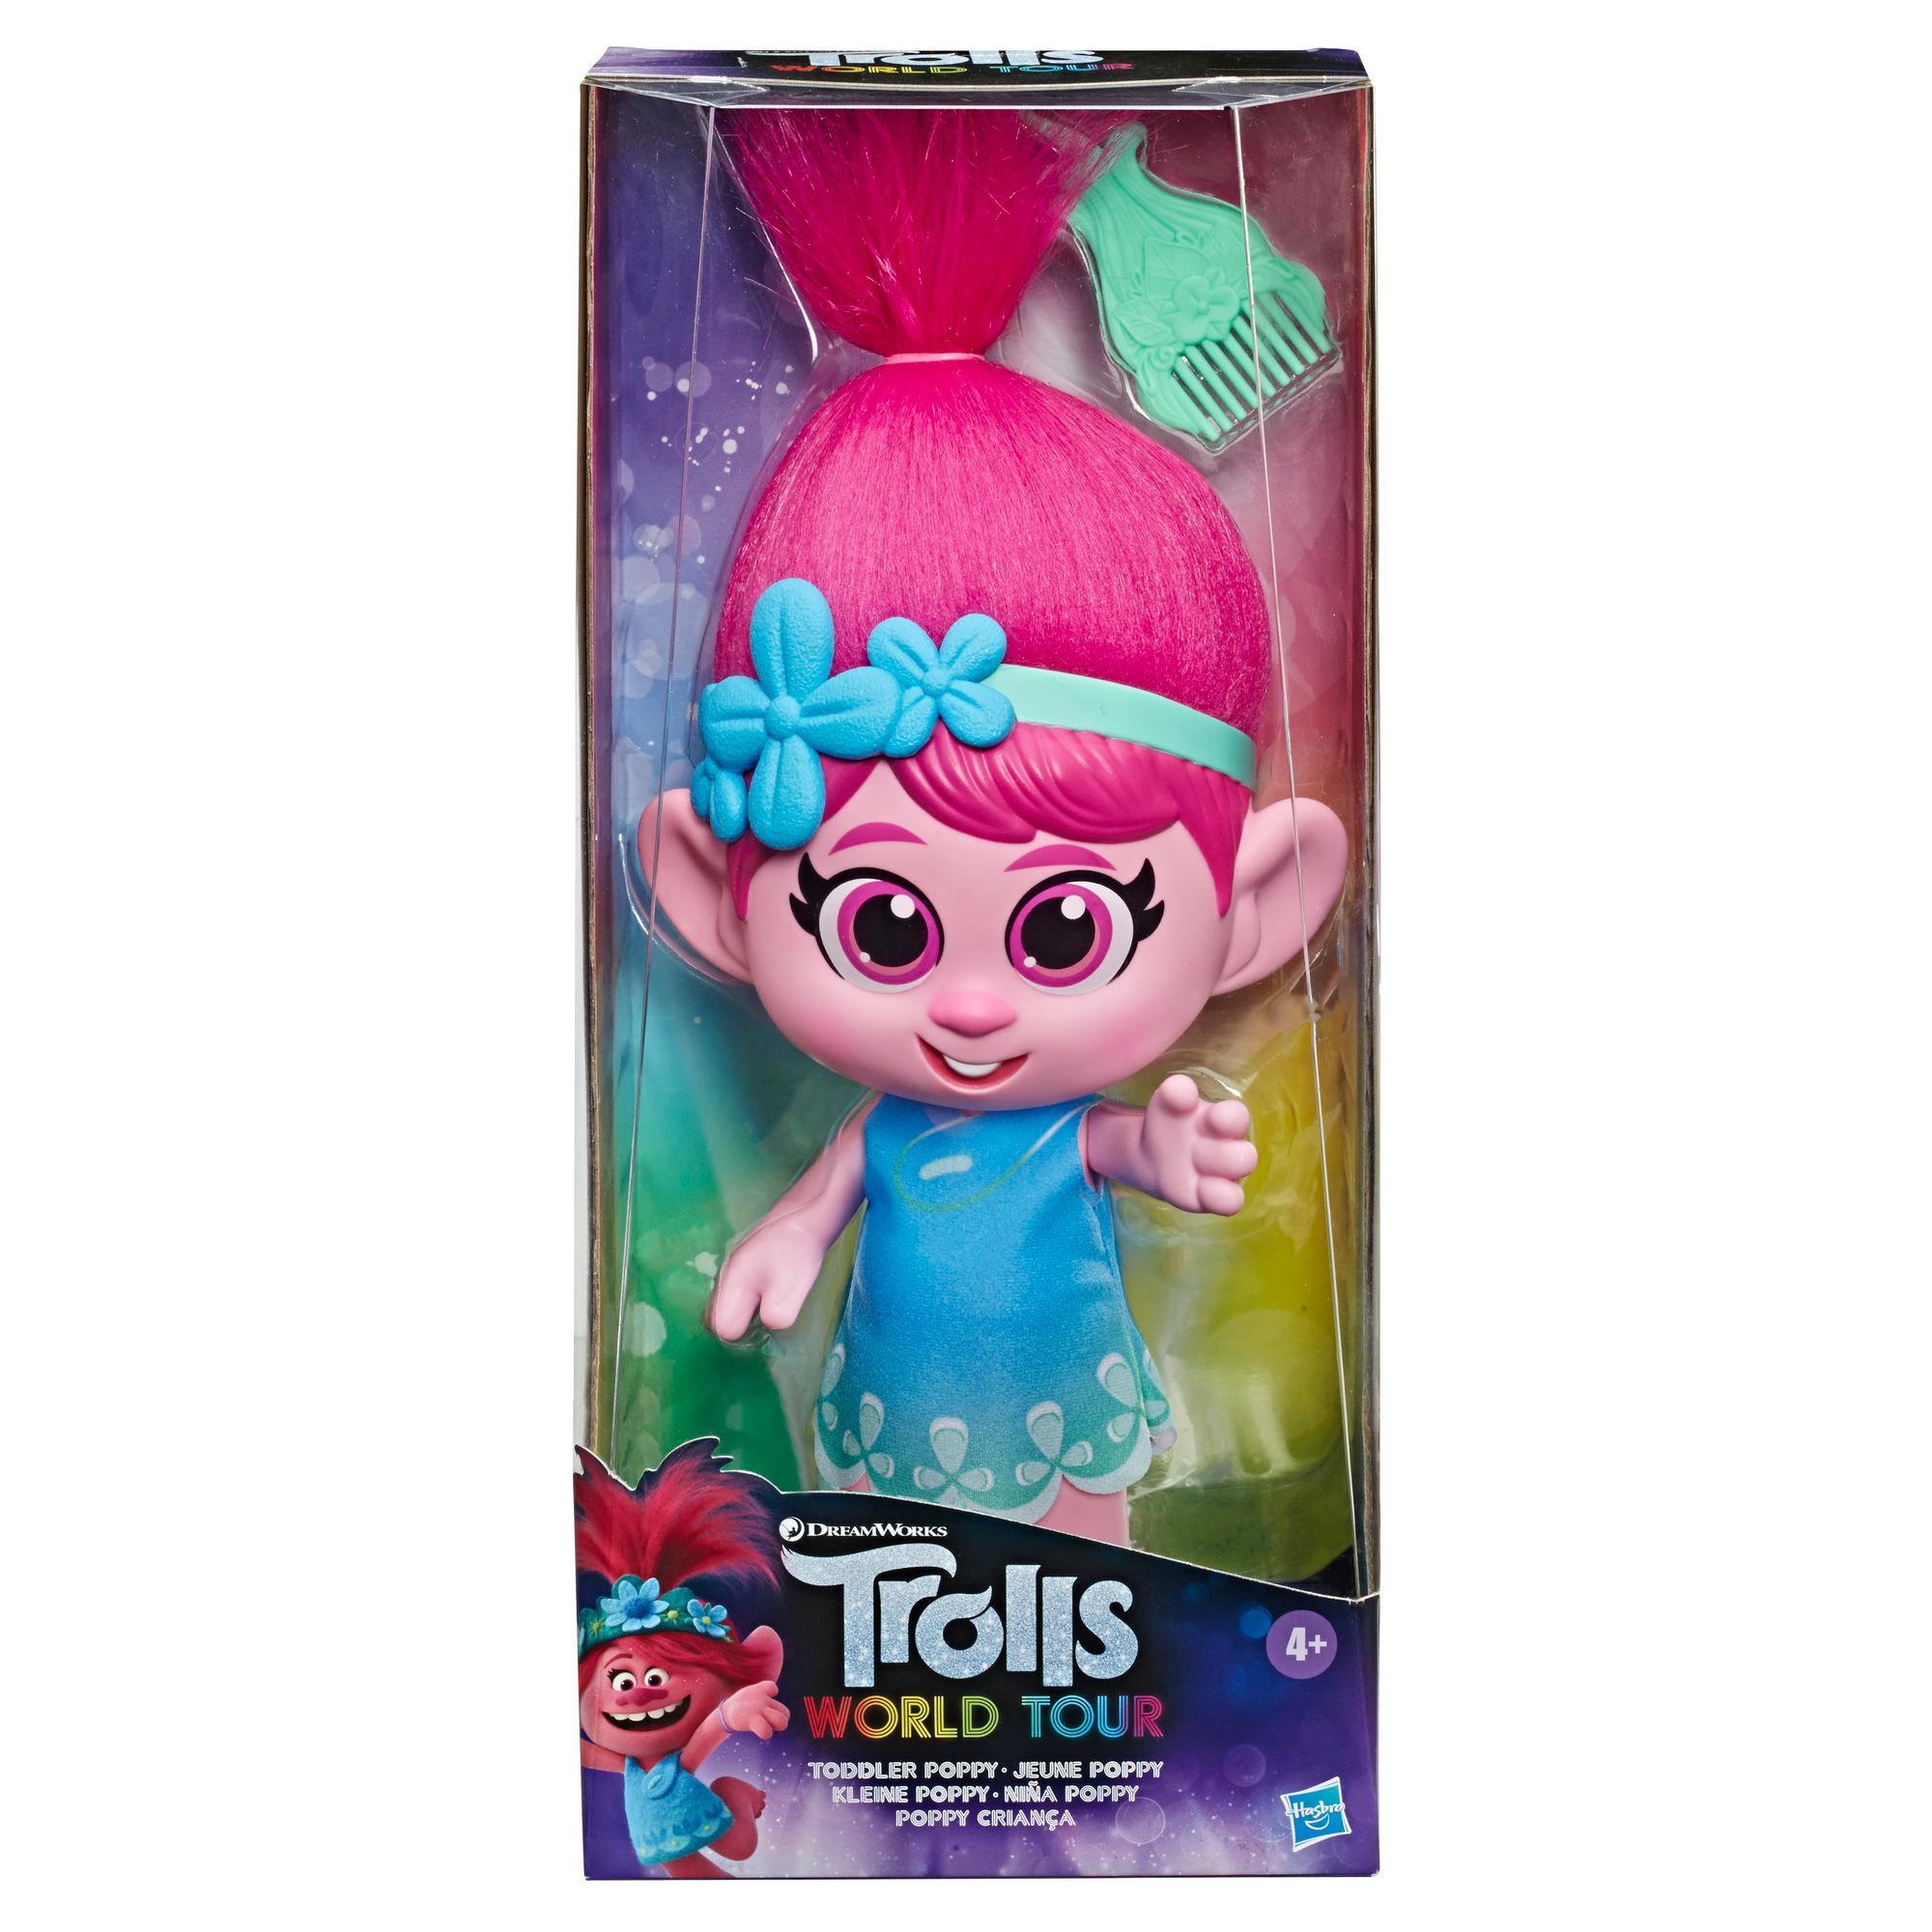 DreamWorks Trolls World Tour Kleine Poppy Puppe mit abnehmbarem Kleid und Kamm, inspiriert vom Film Trolls World Tour